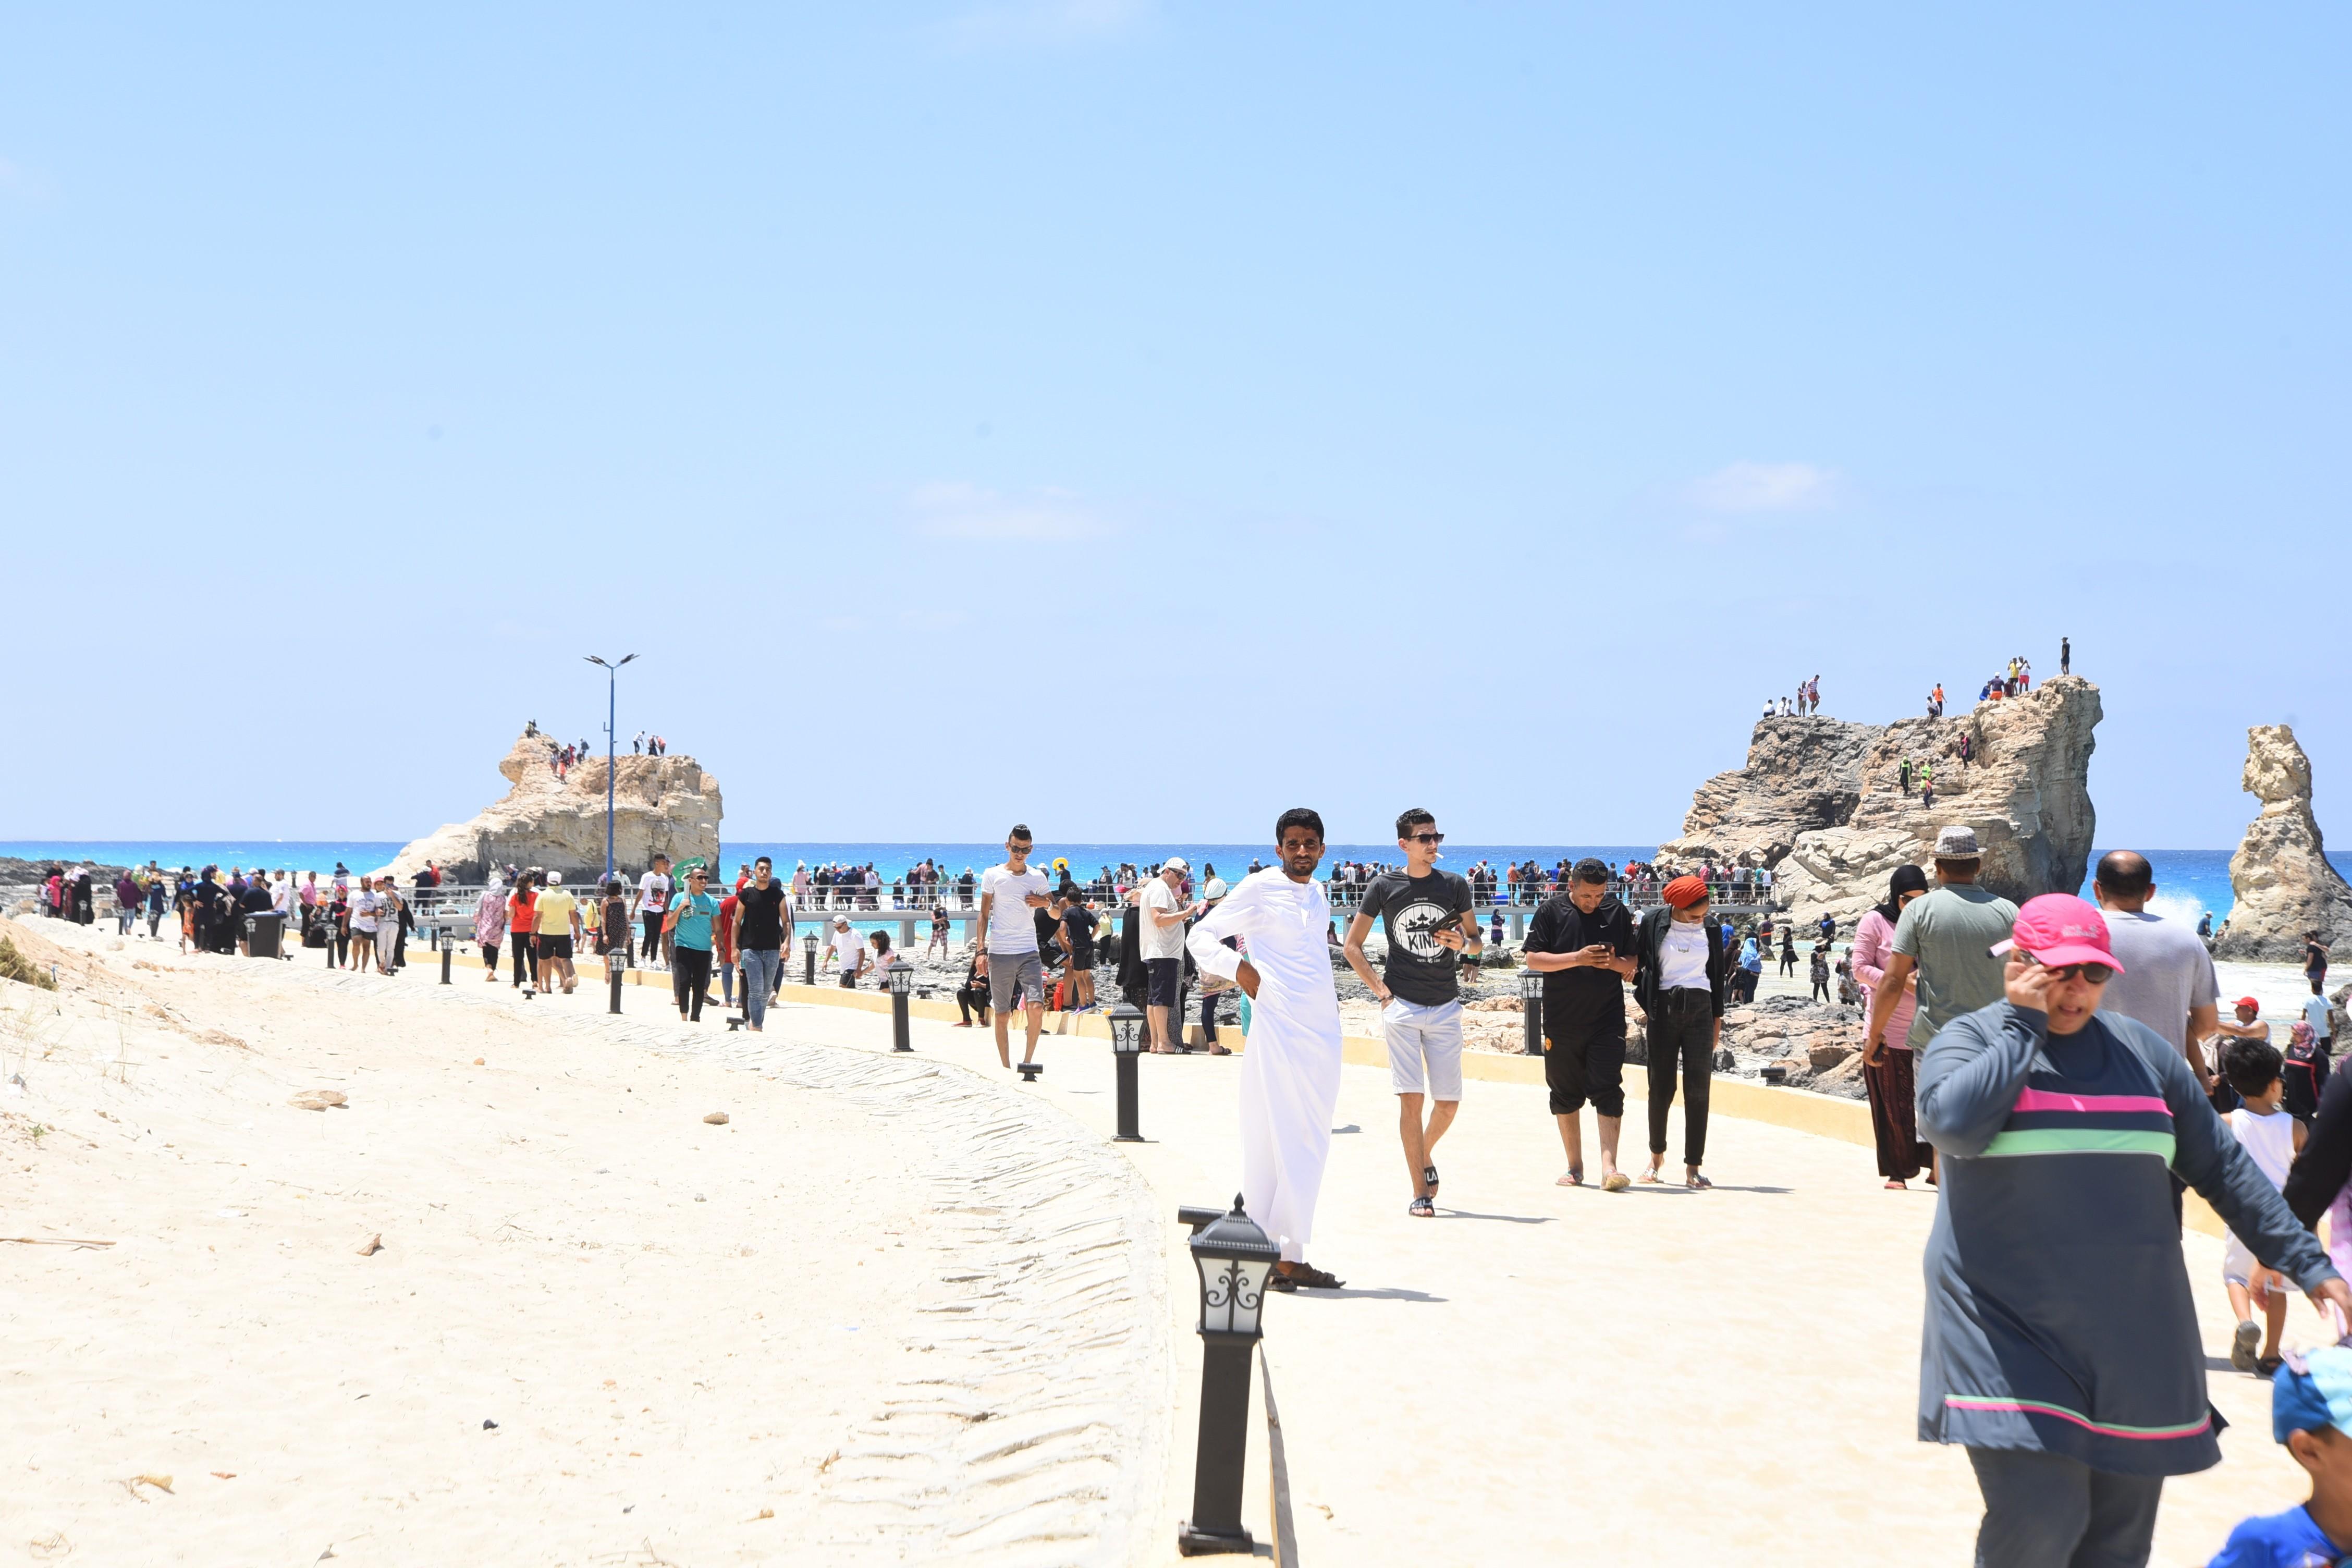 إقبال كبير من المصطافين على شواطئ مطروح (2)